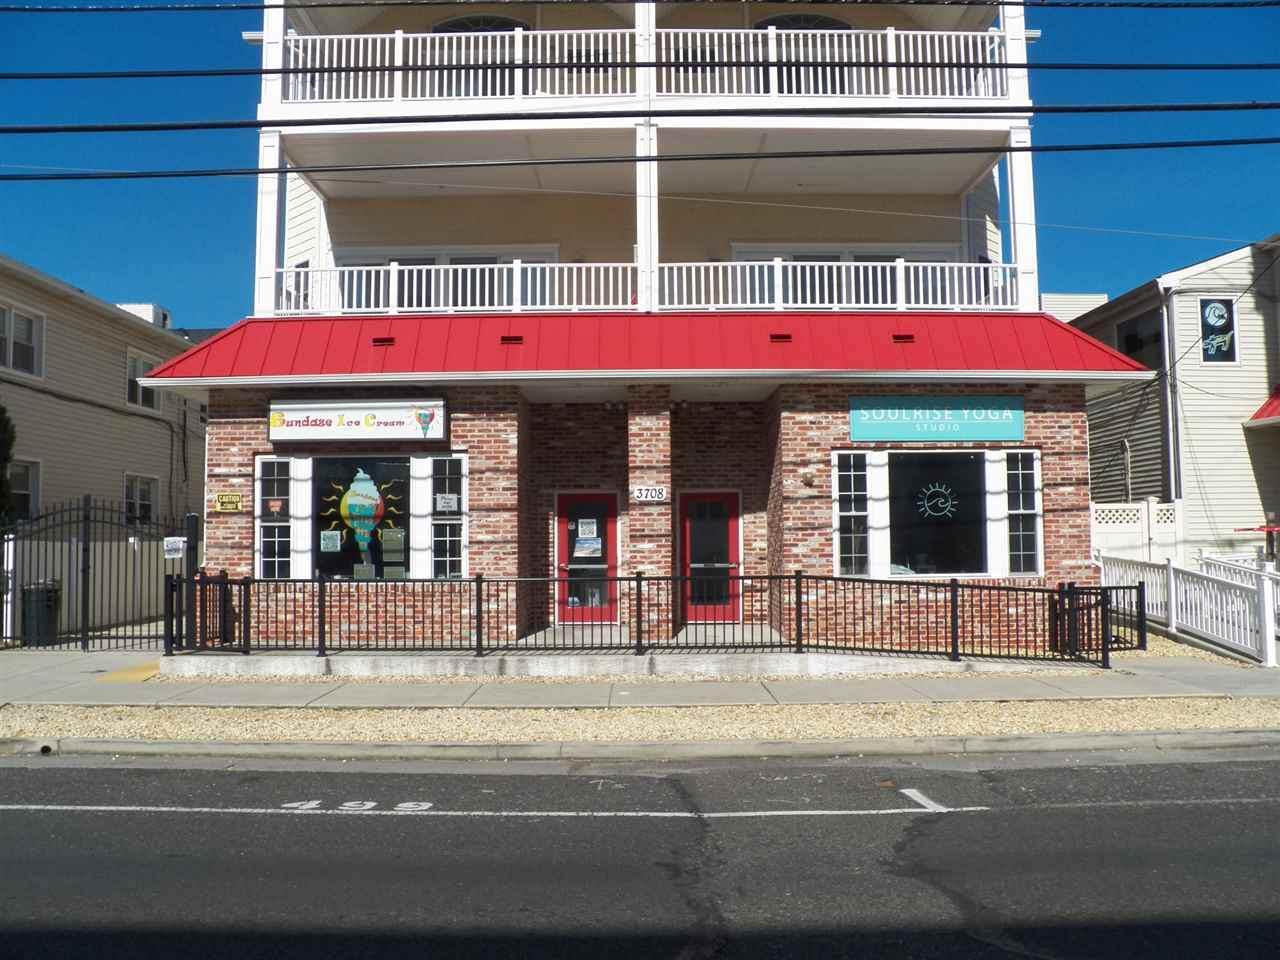 3708 Landis Ave - Photo 1